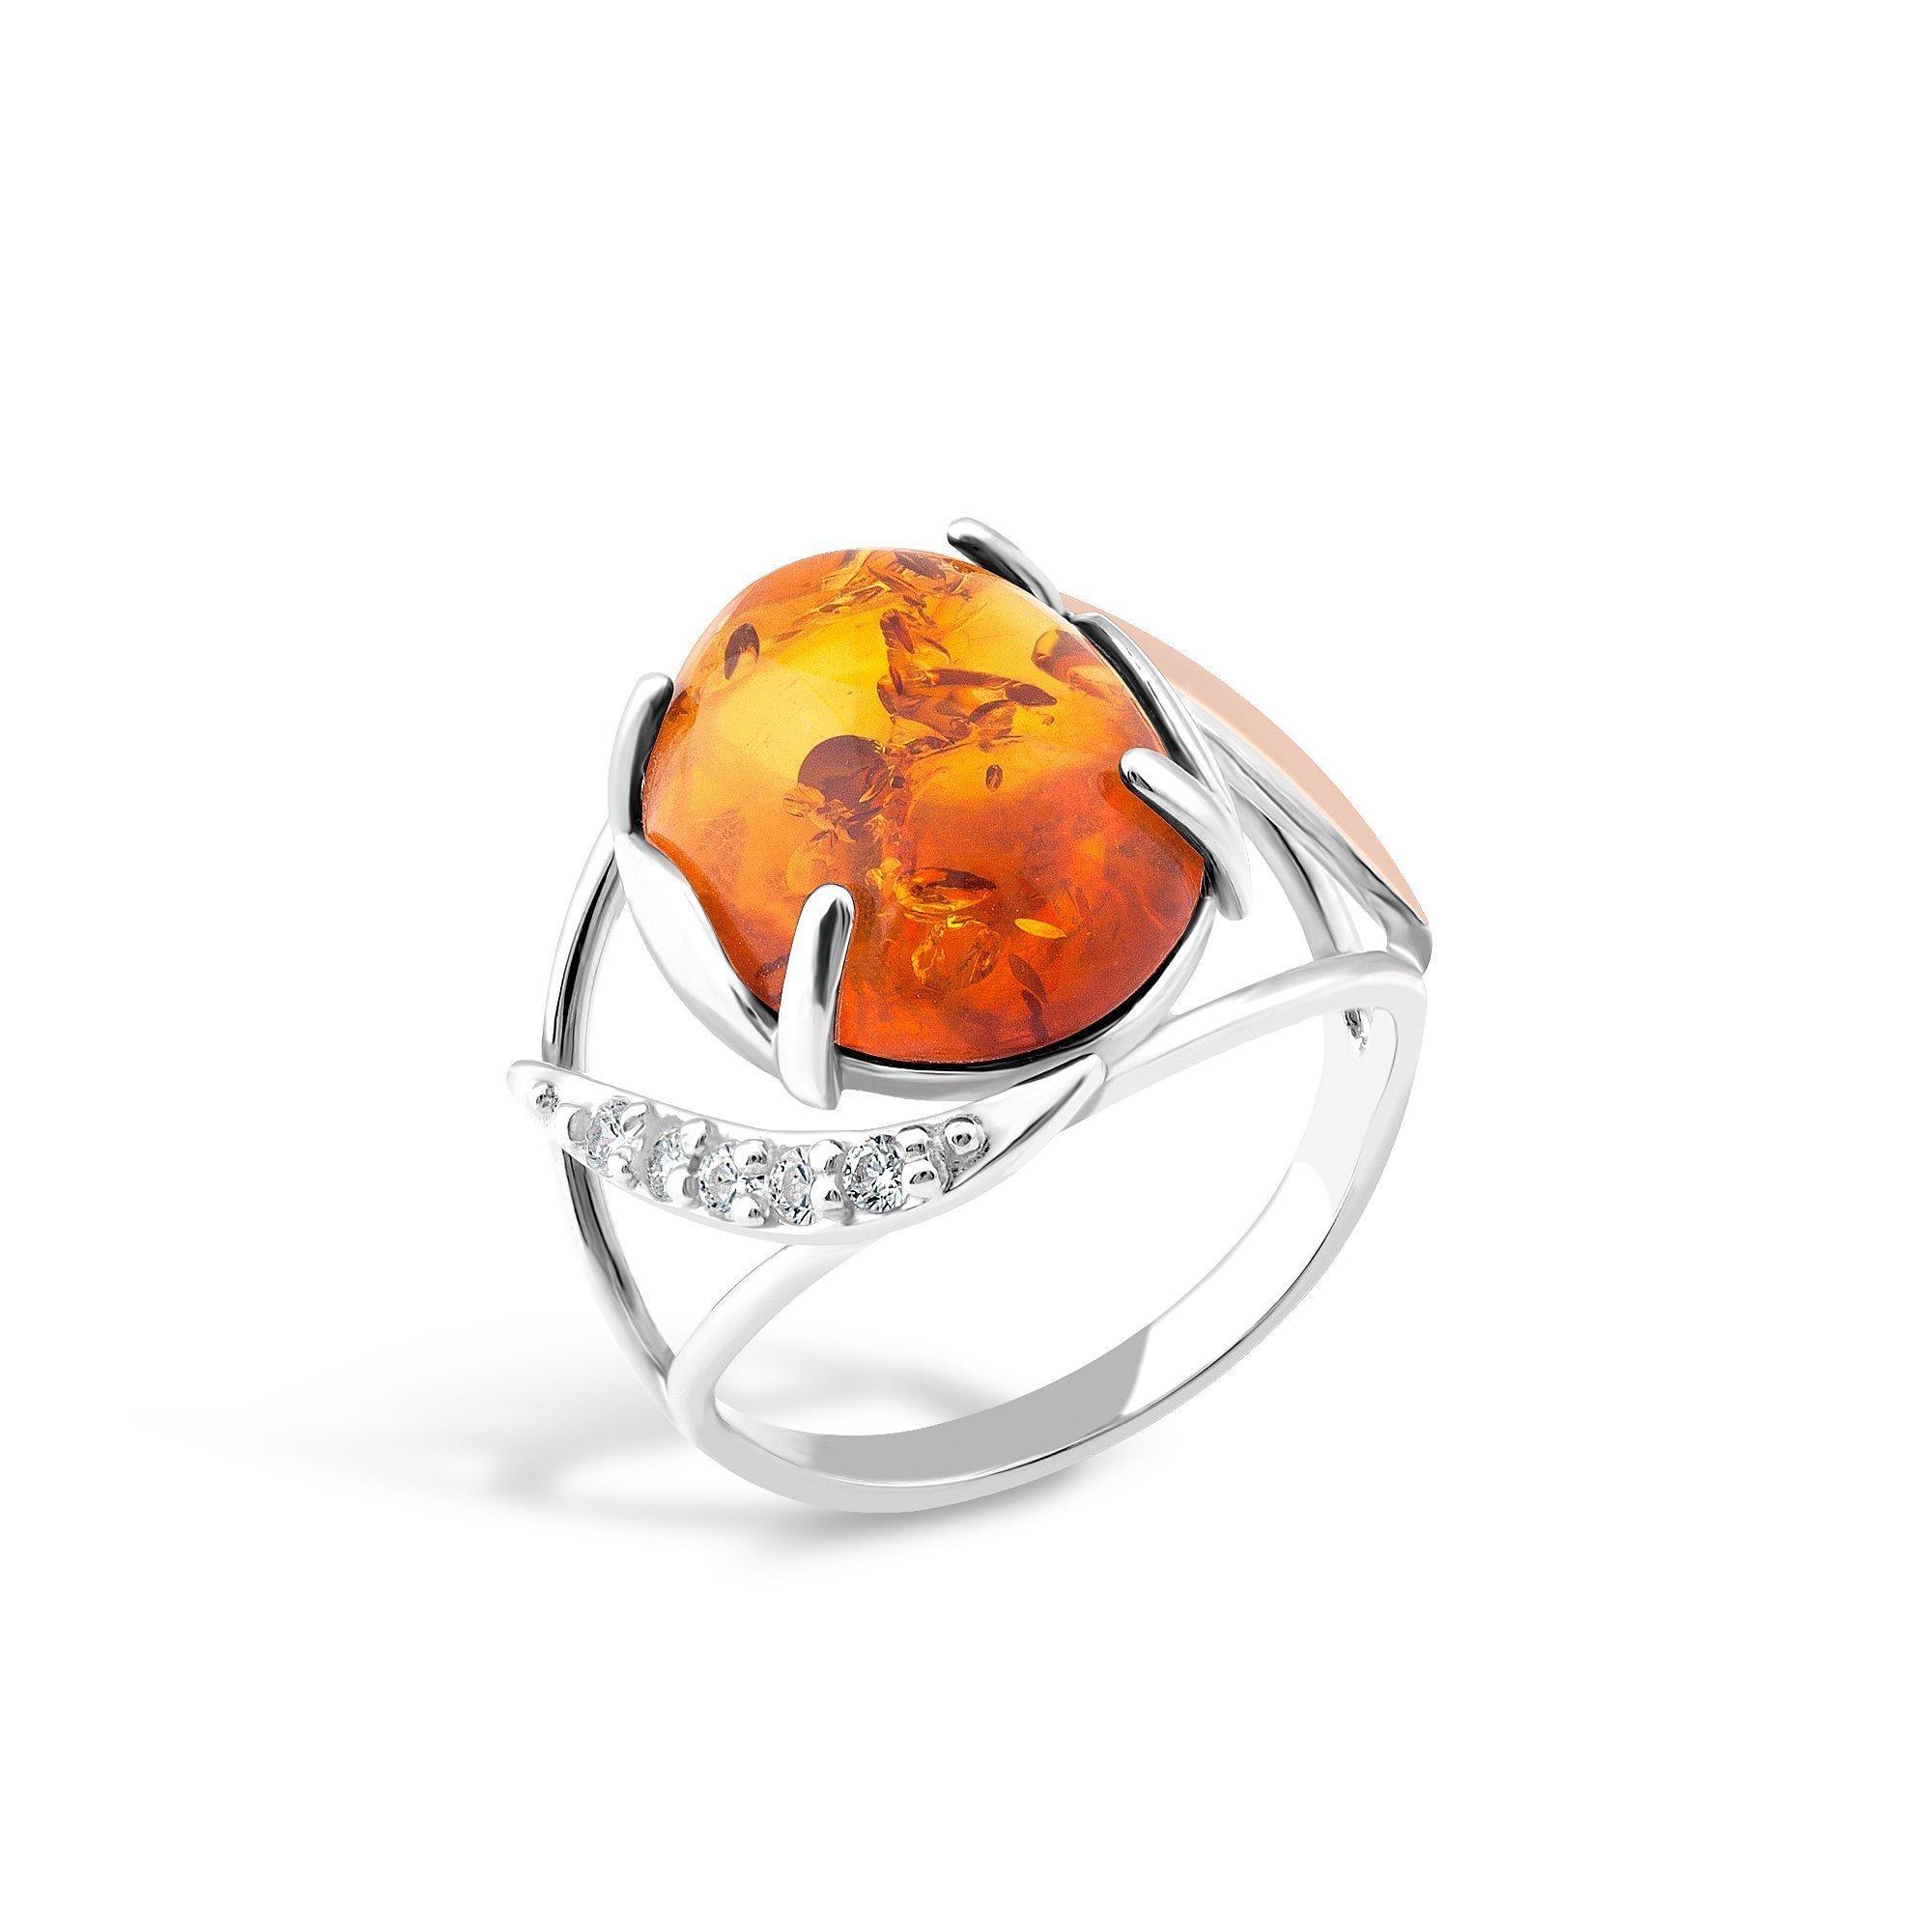 Серебряное кольцо Рейчел с золотой накладкой, янтарем и фианитами